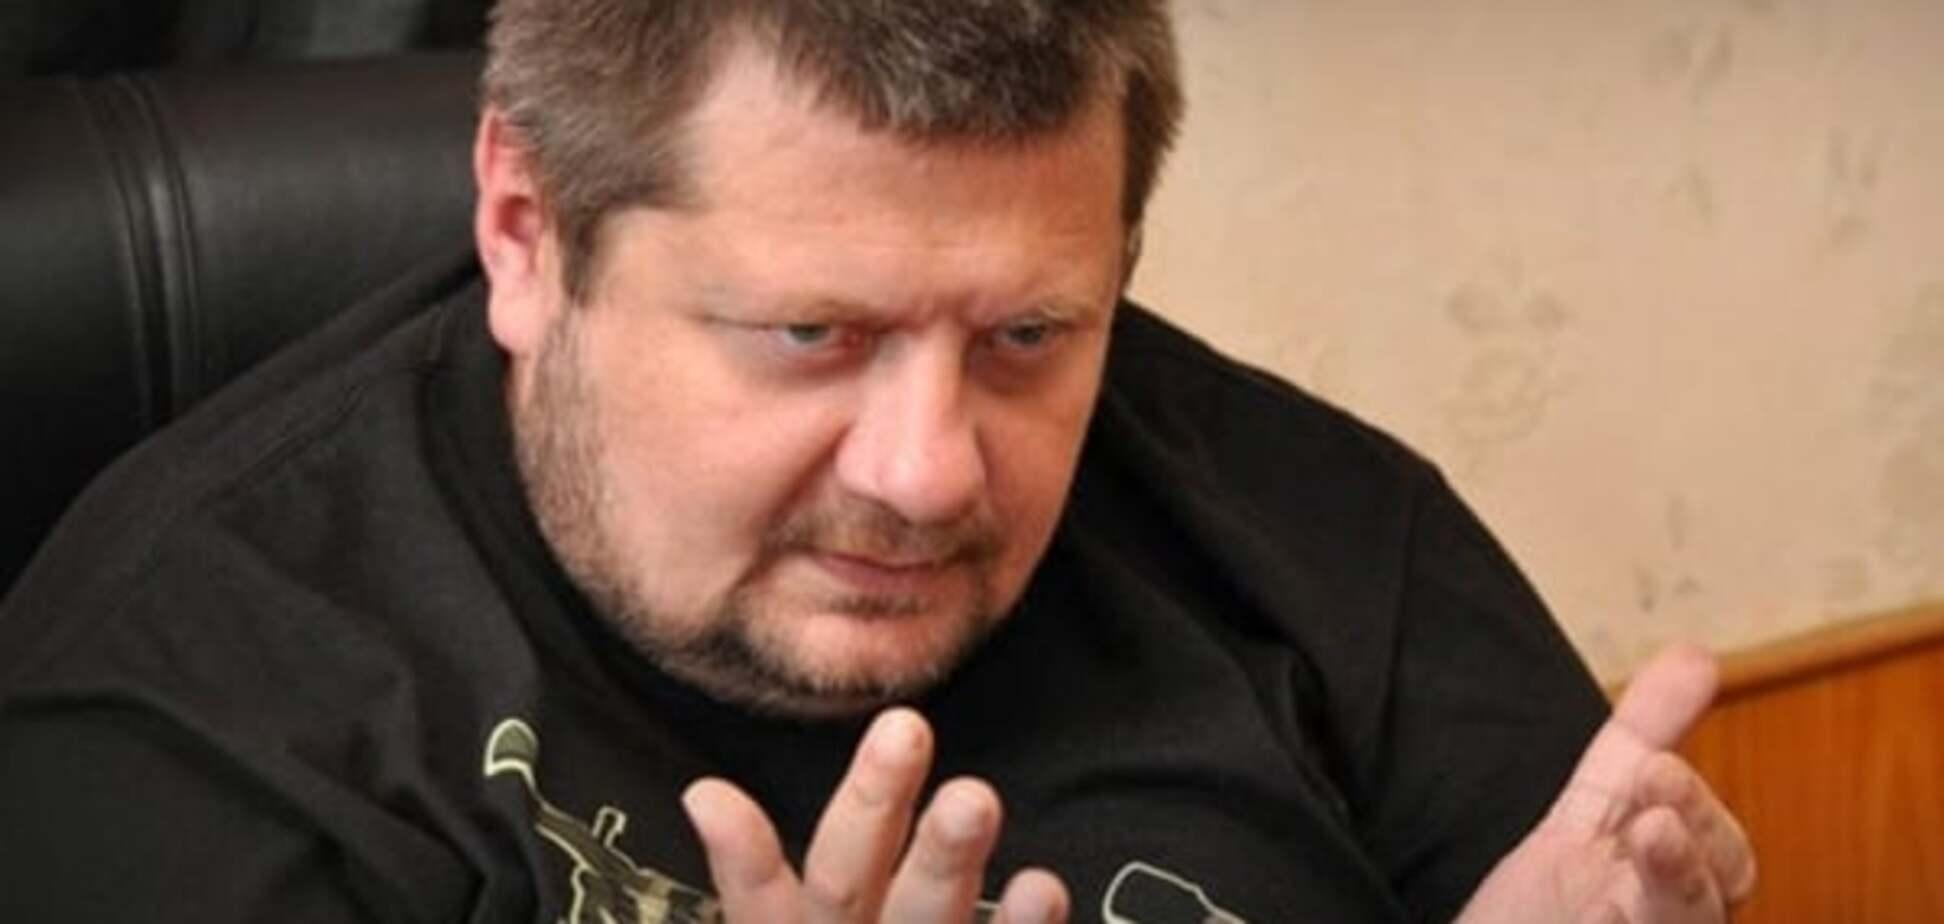 Будет долго жить: СМИ преждевременно похоронили Мосийчука